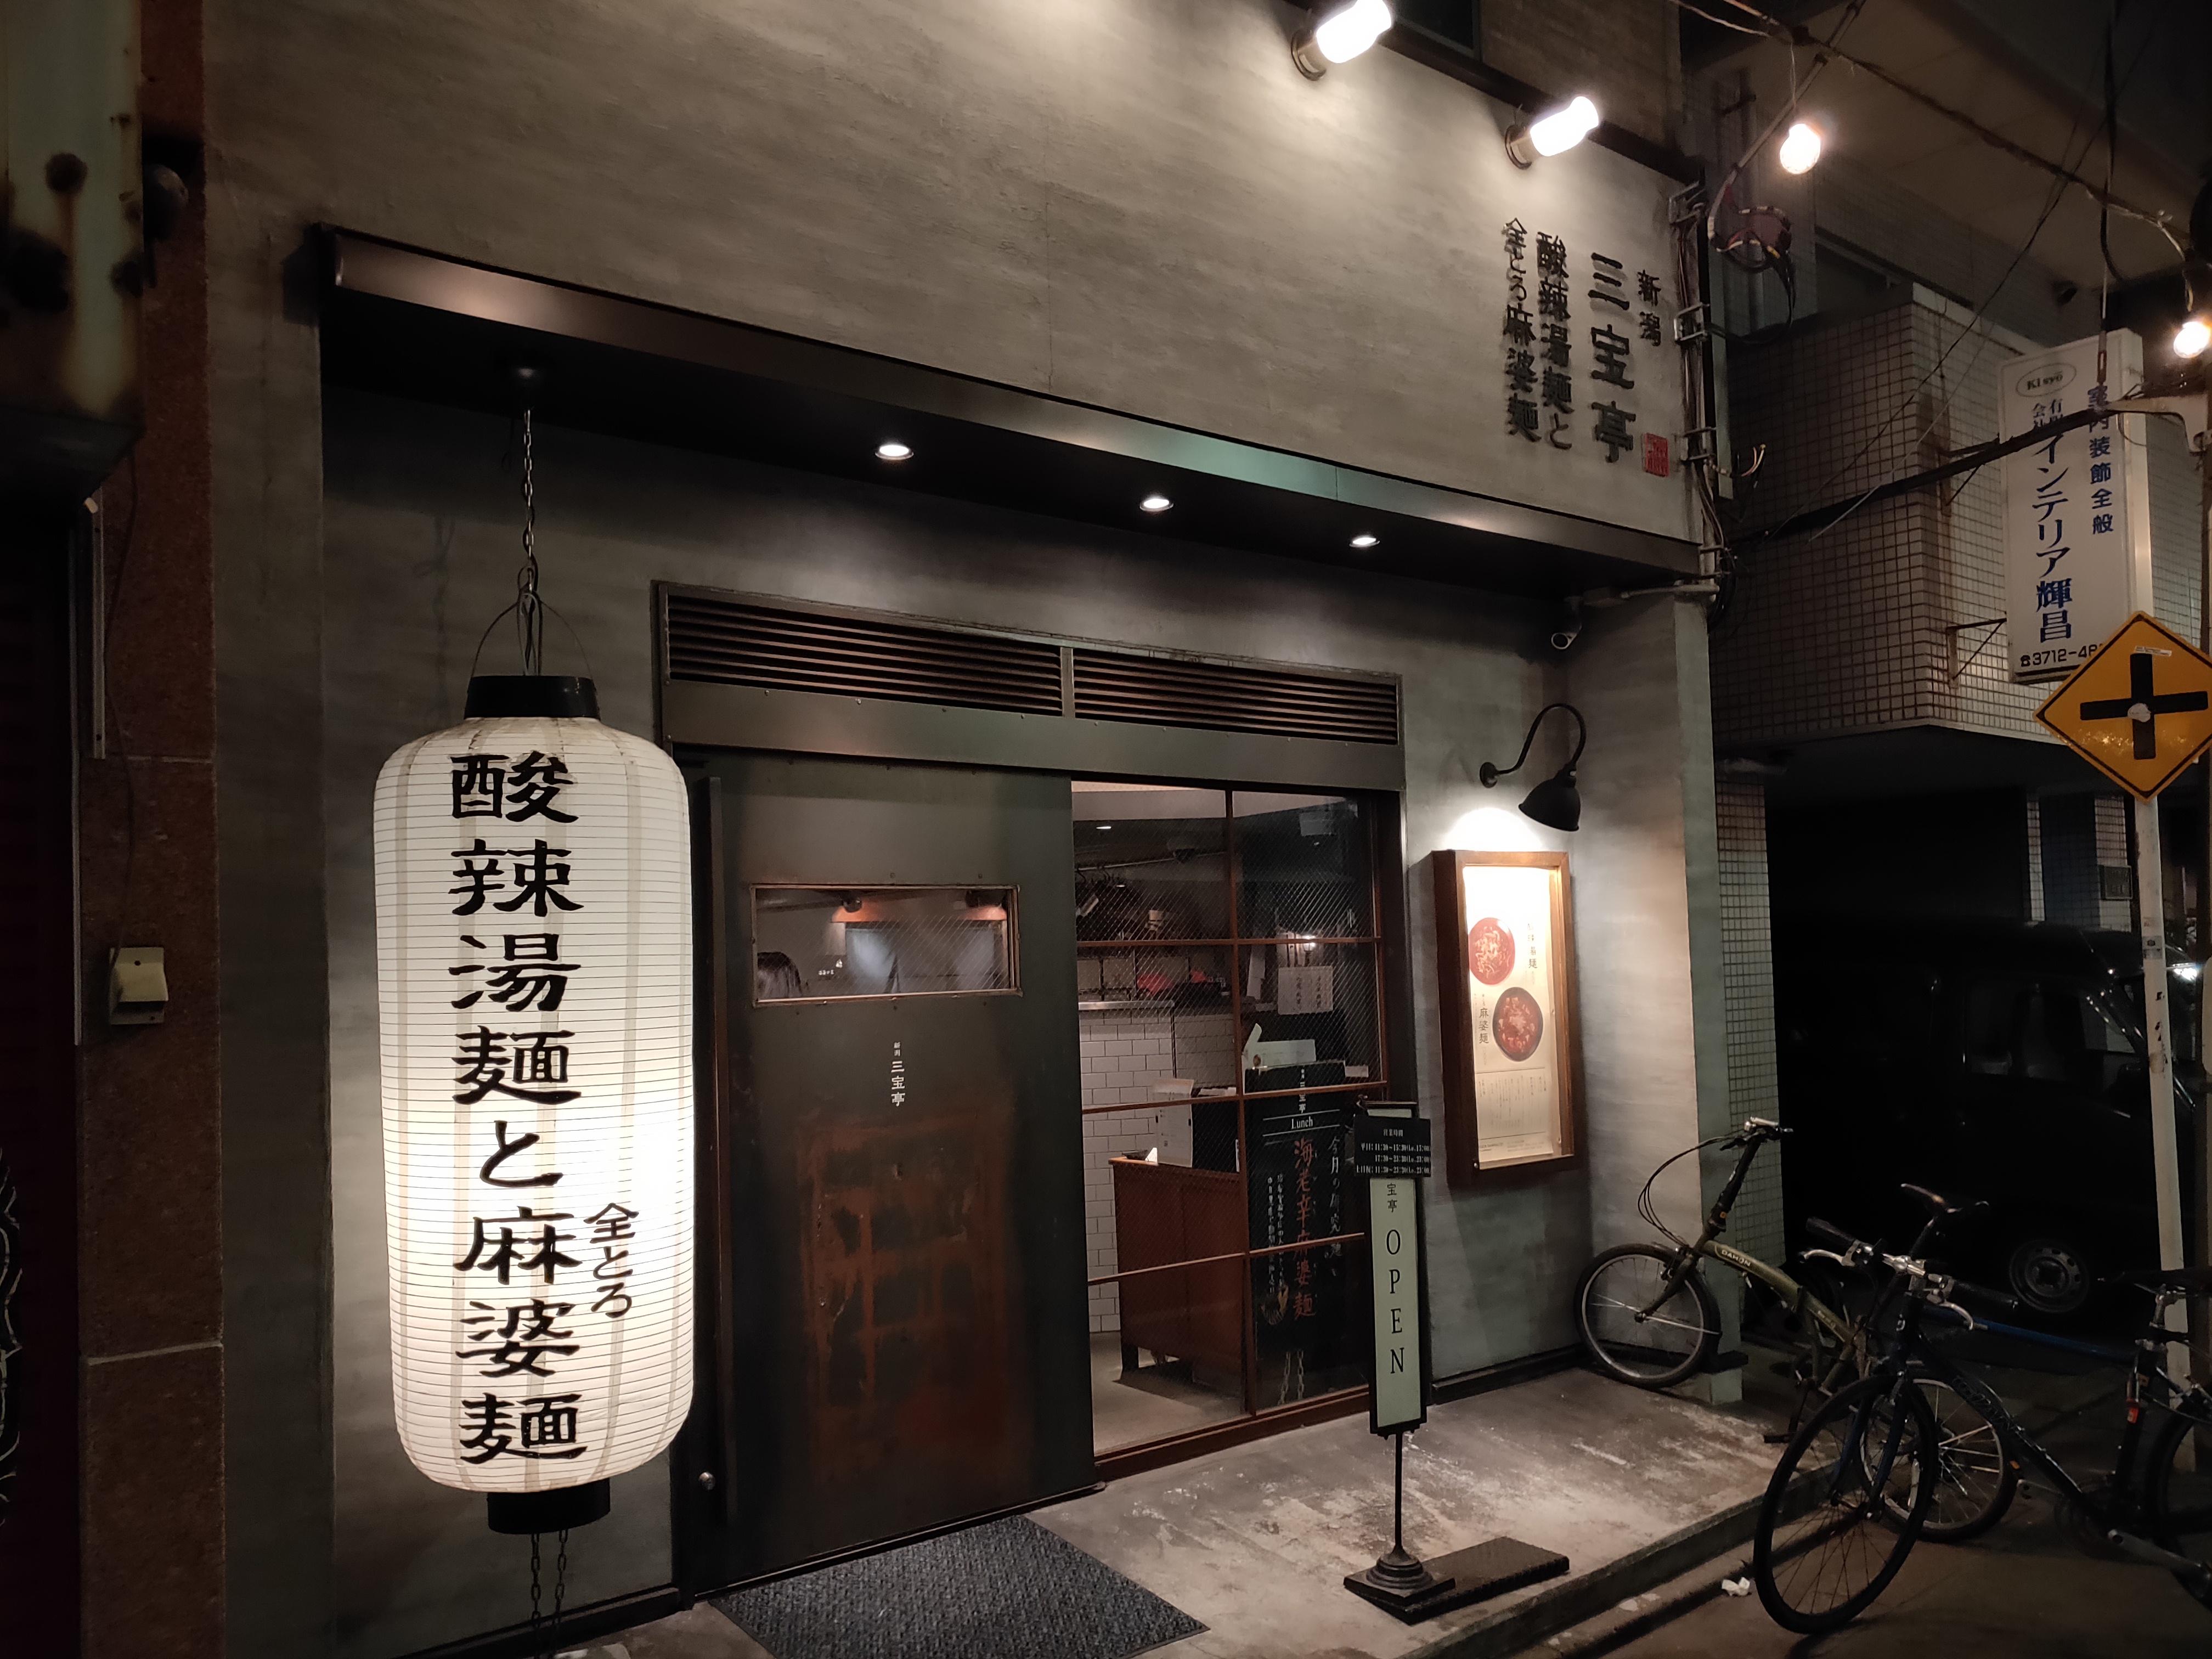 新潟 三宝亭 東京ラボさんのラーメンは、酸辣湯麺と麻婆麺で勝負だ!